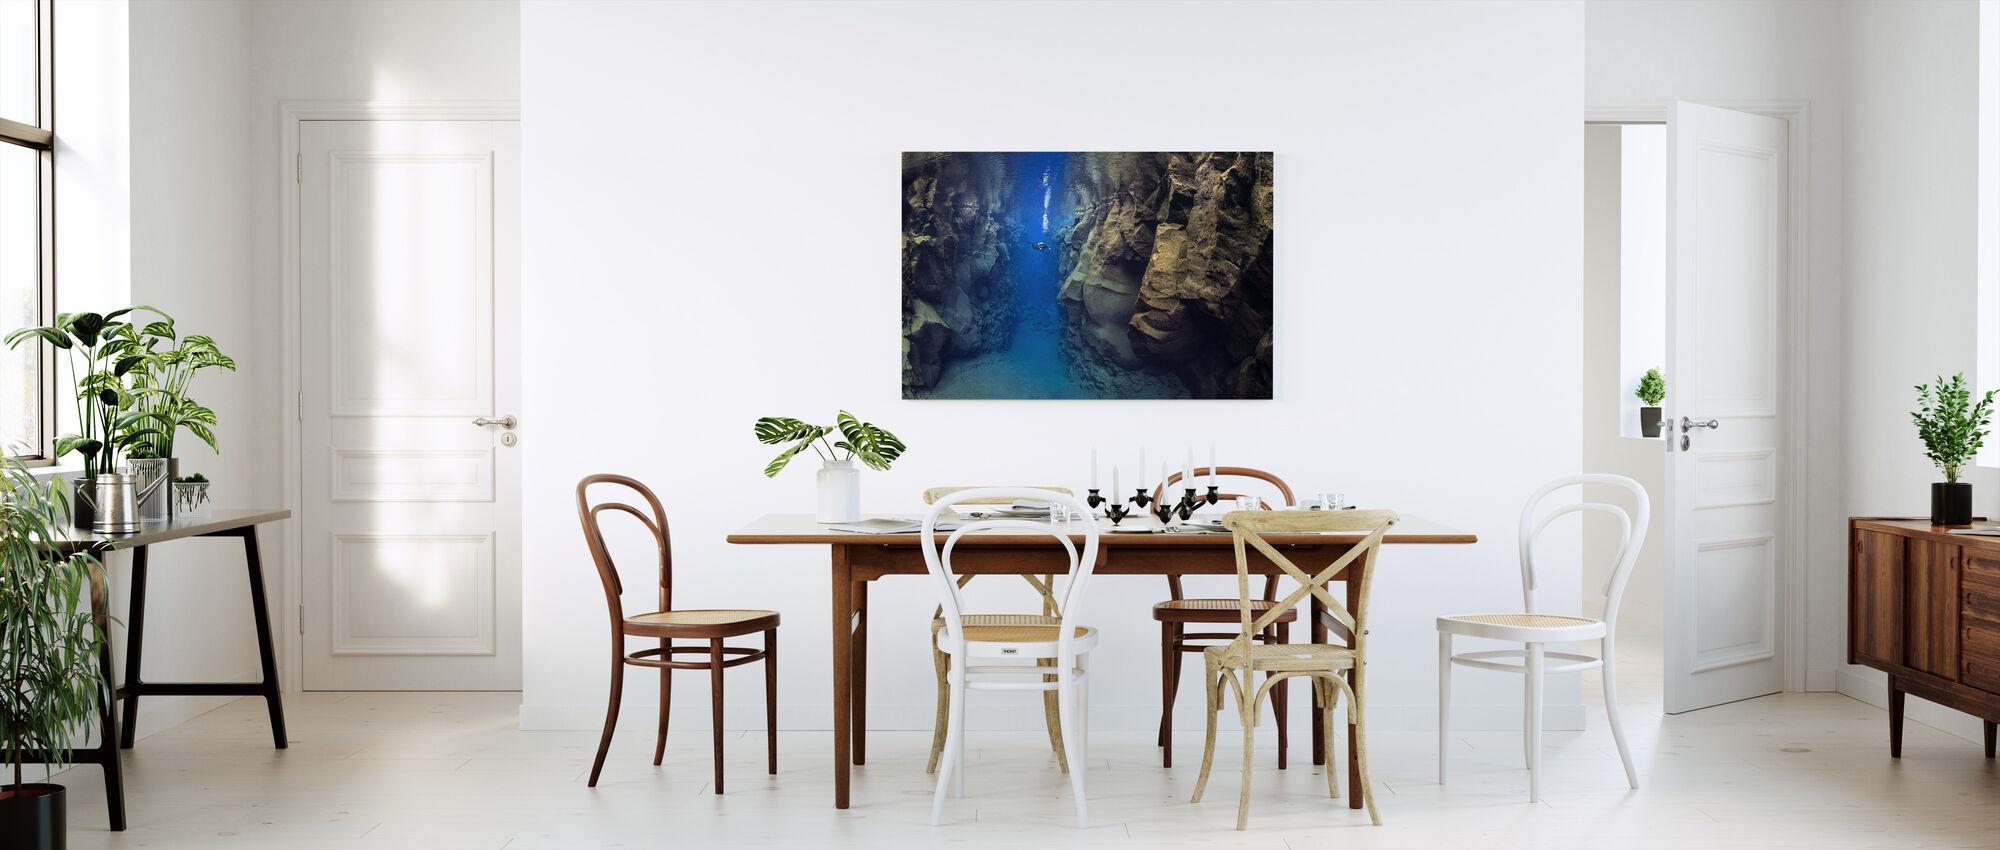 Sukeltaja mannerlaattojen välissä - Canvastaulu - Keittiö